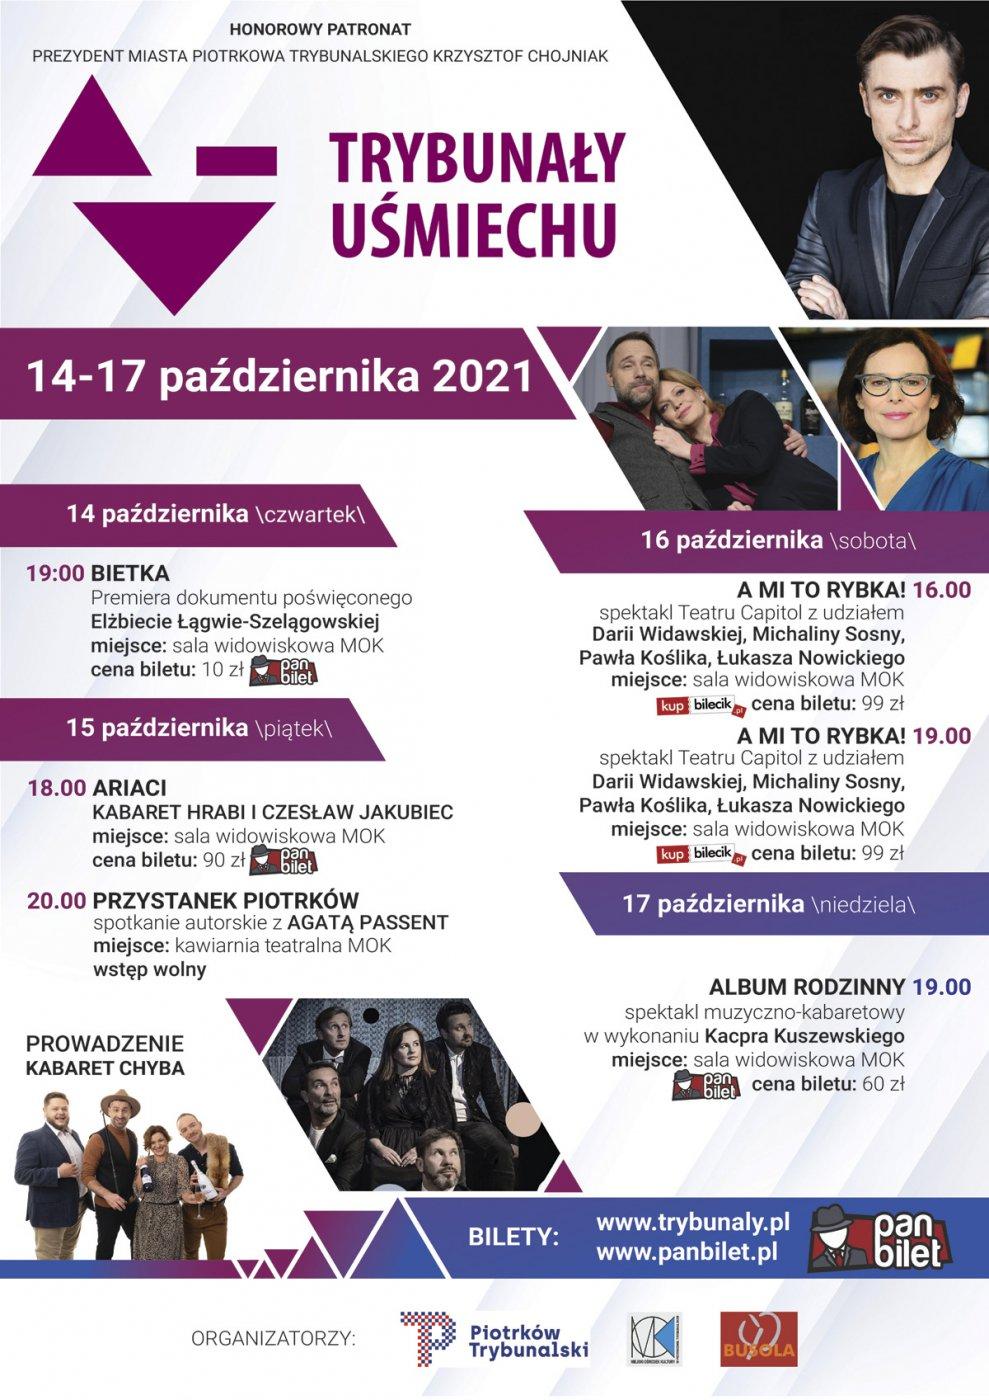 Festiwal Uśmiechu - ALBUM RODZINNY